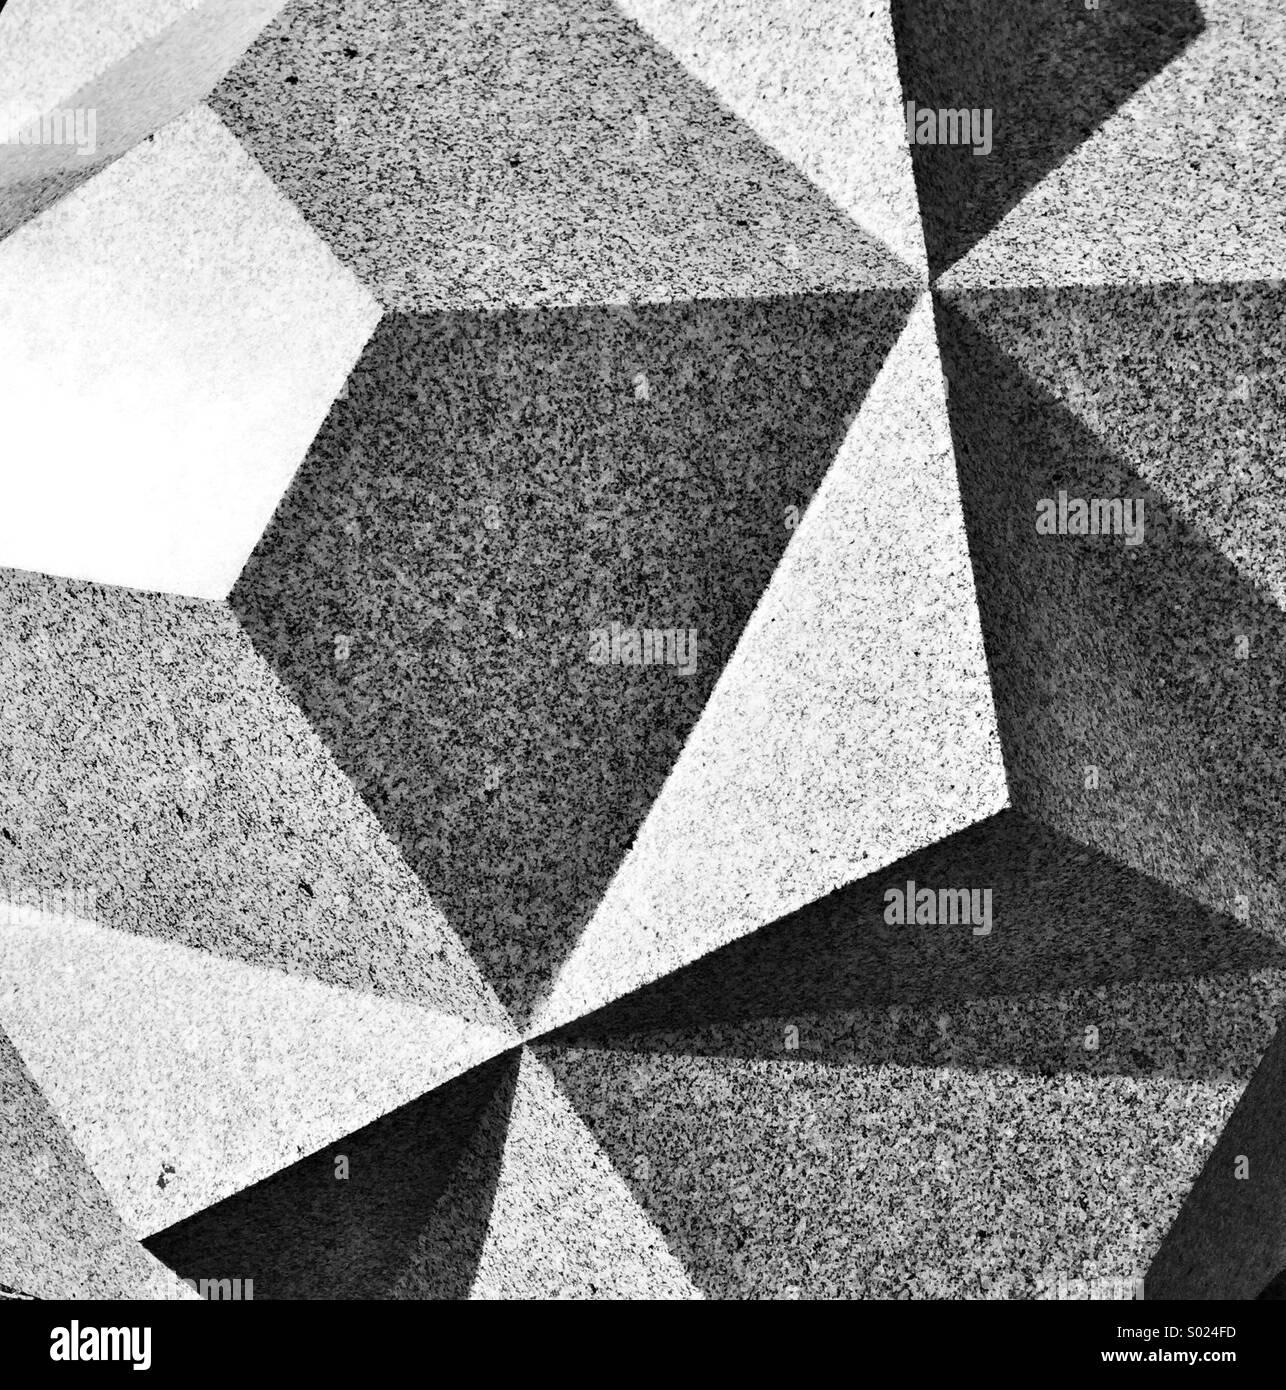 Immagine astratta delle faccette scolpito sul blocco di granito Immagini Stock